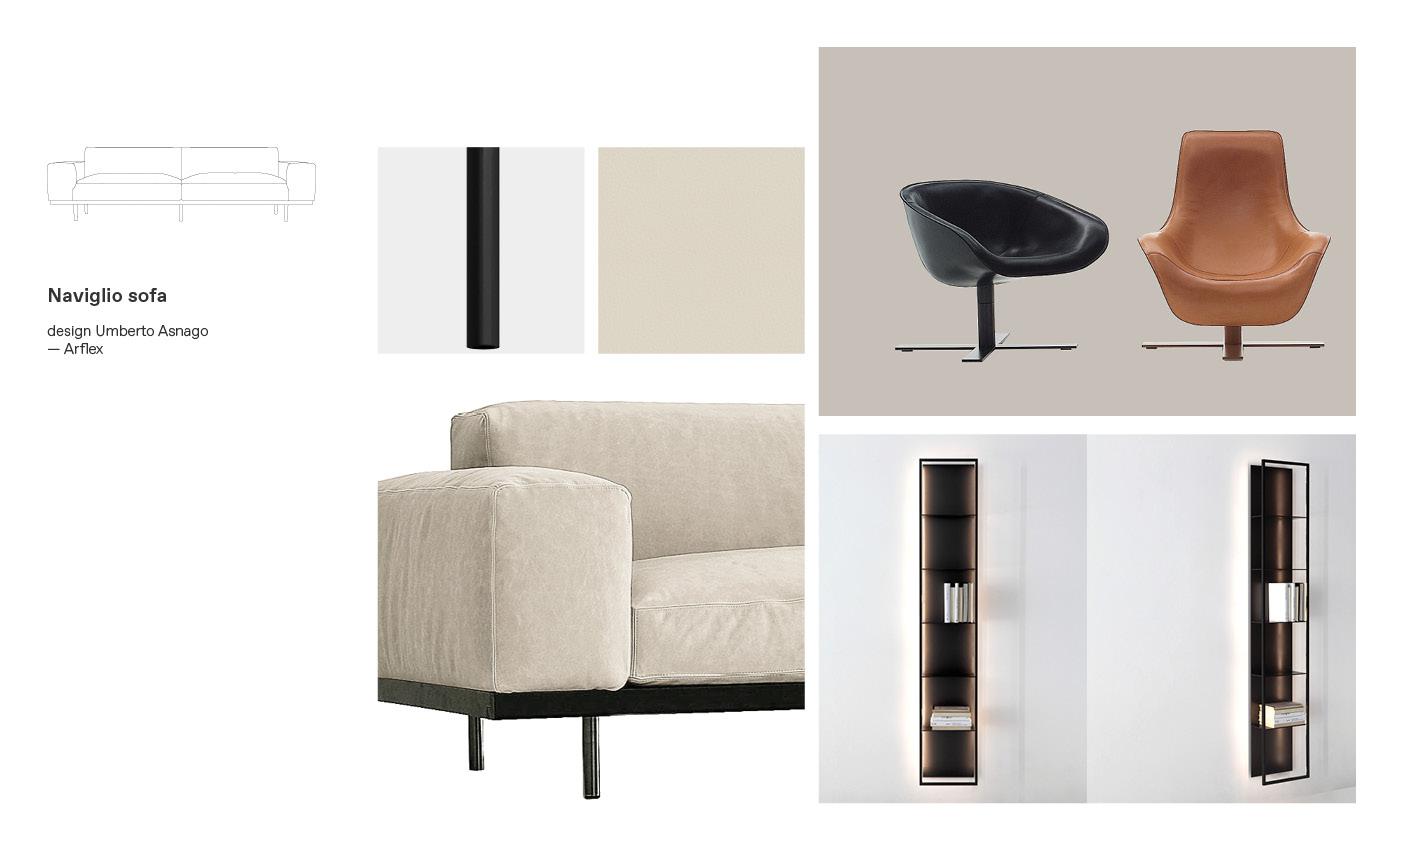 Arflex sofas and Naviglio moodboard composition